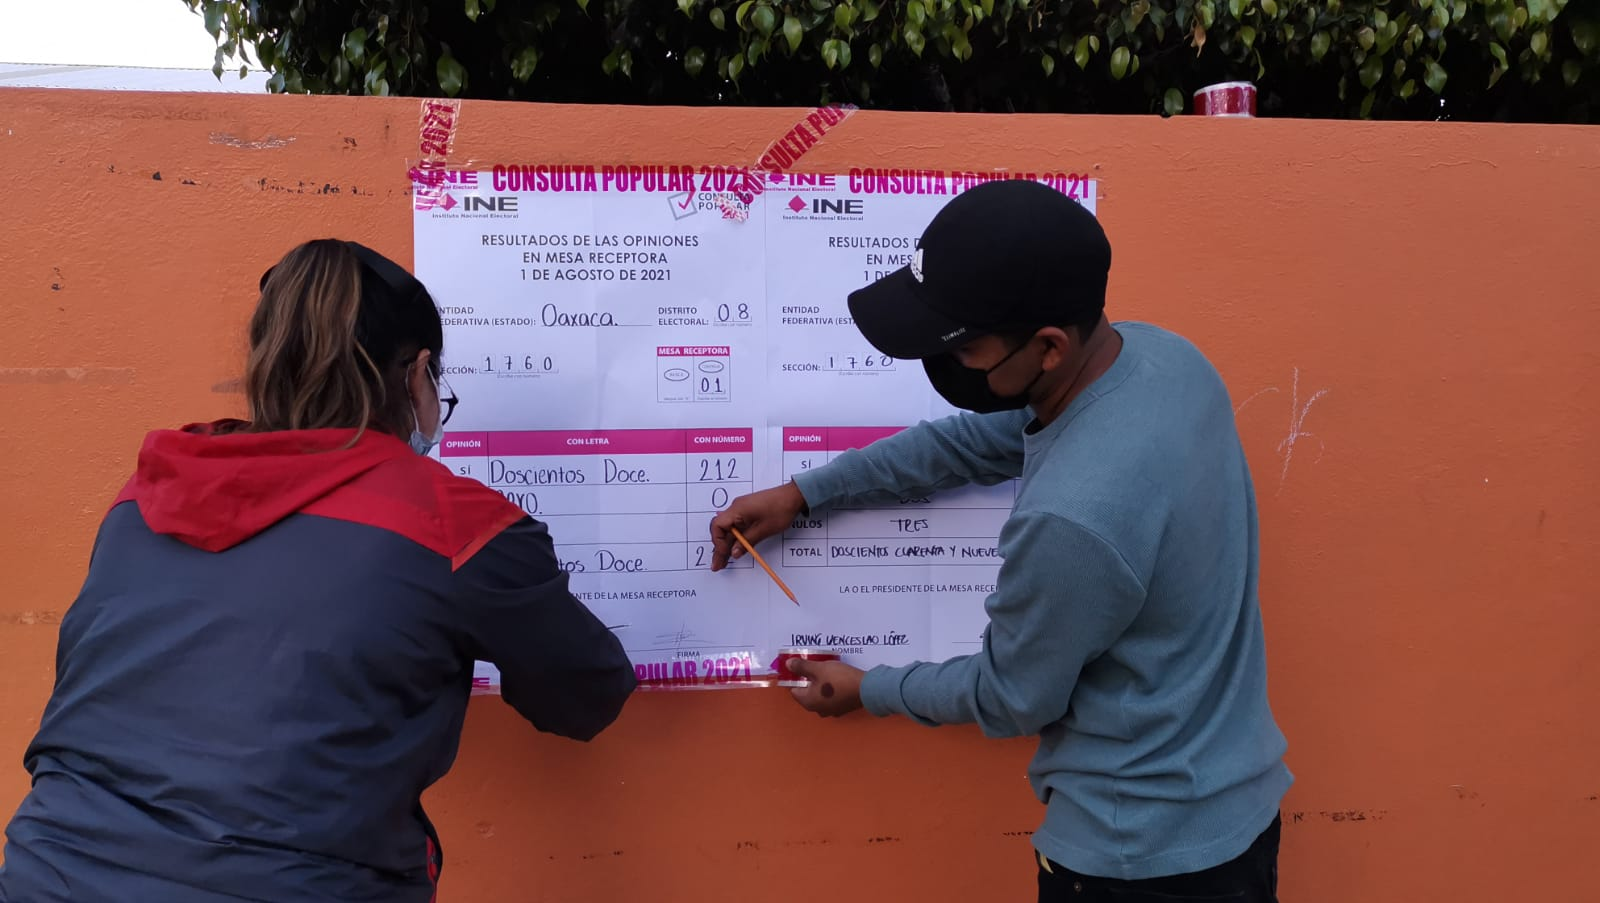 Con la mitad de actas computadas, Consulta Popular en Oaxaca registró participación de 5.18%